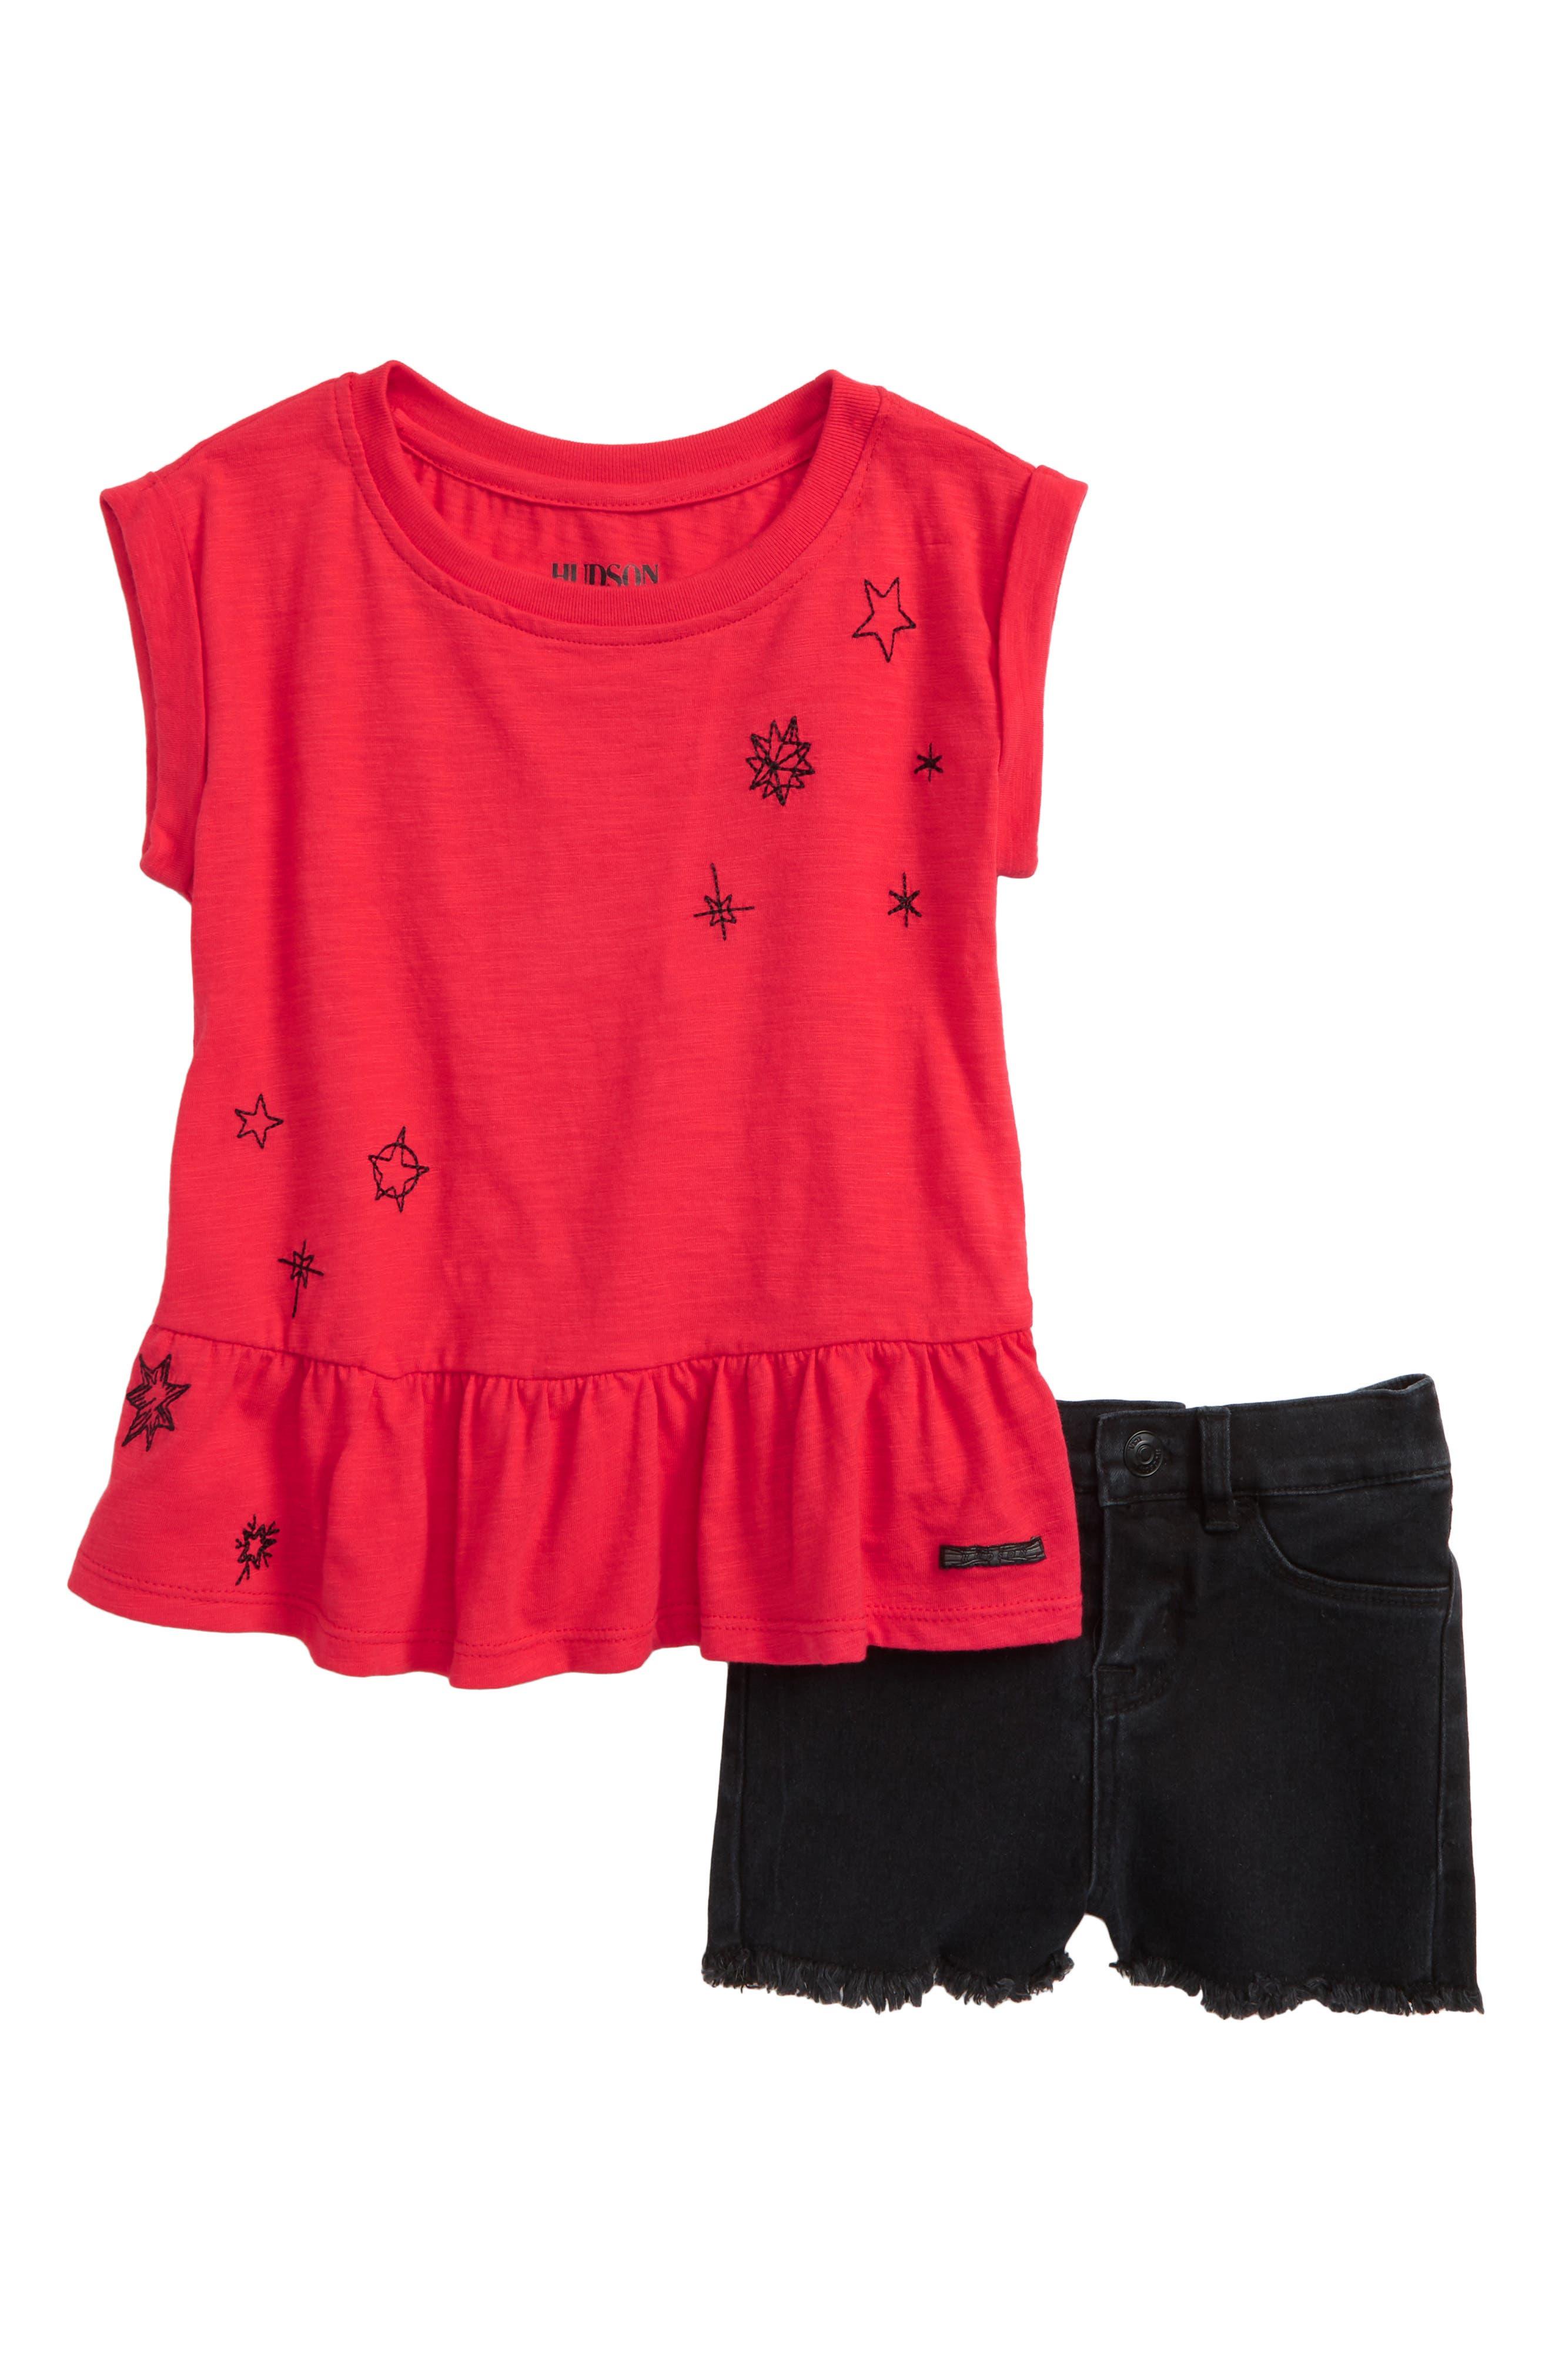 Hudson Kids Peplum Tee & Shorts Set (Toddler Girls)